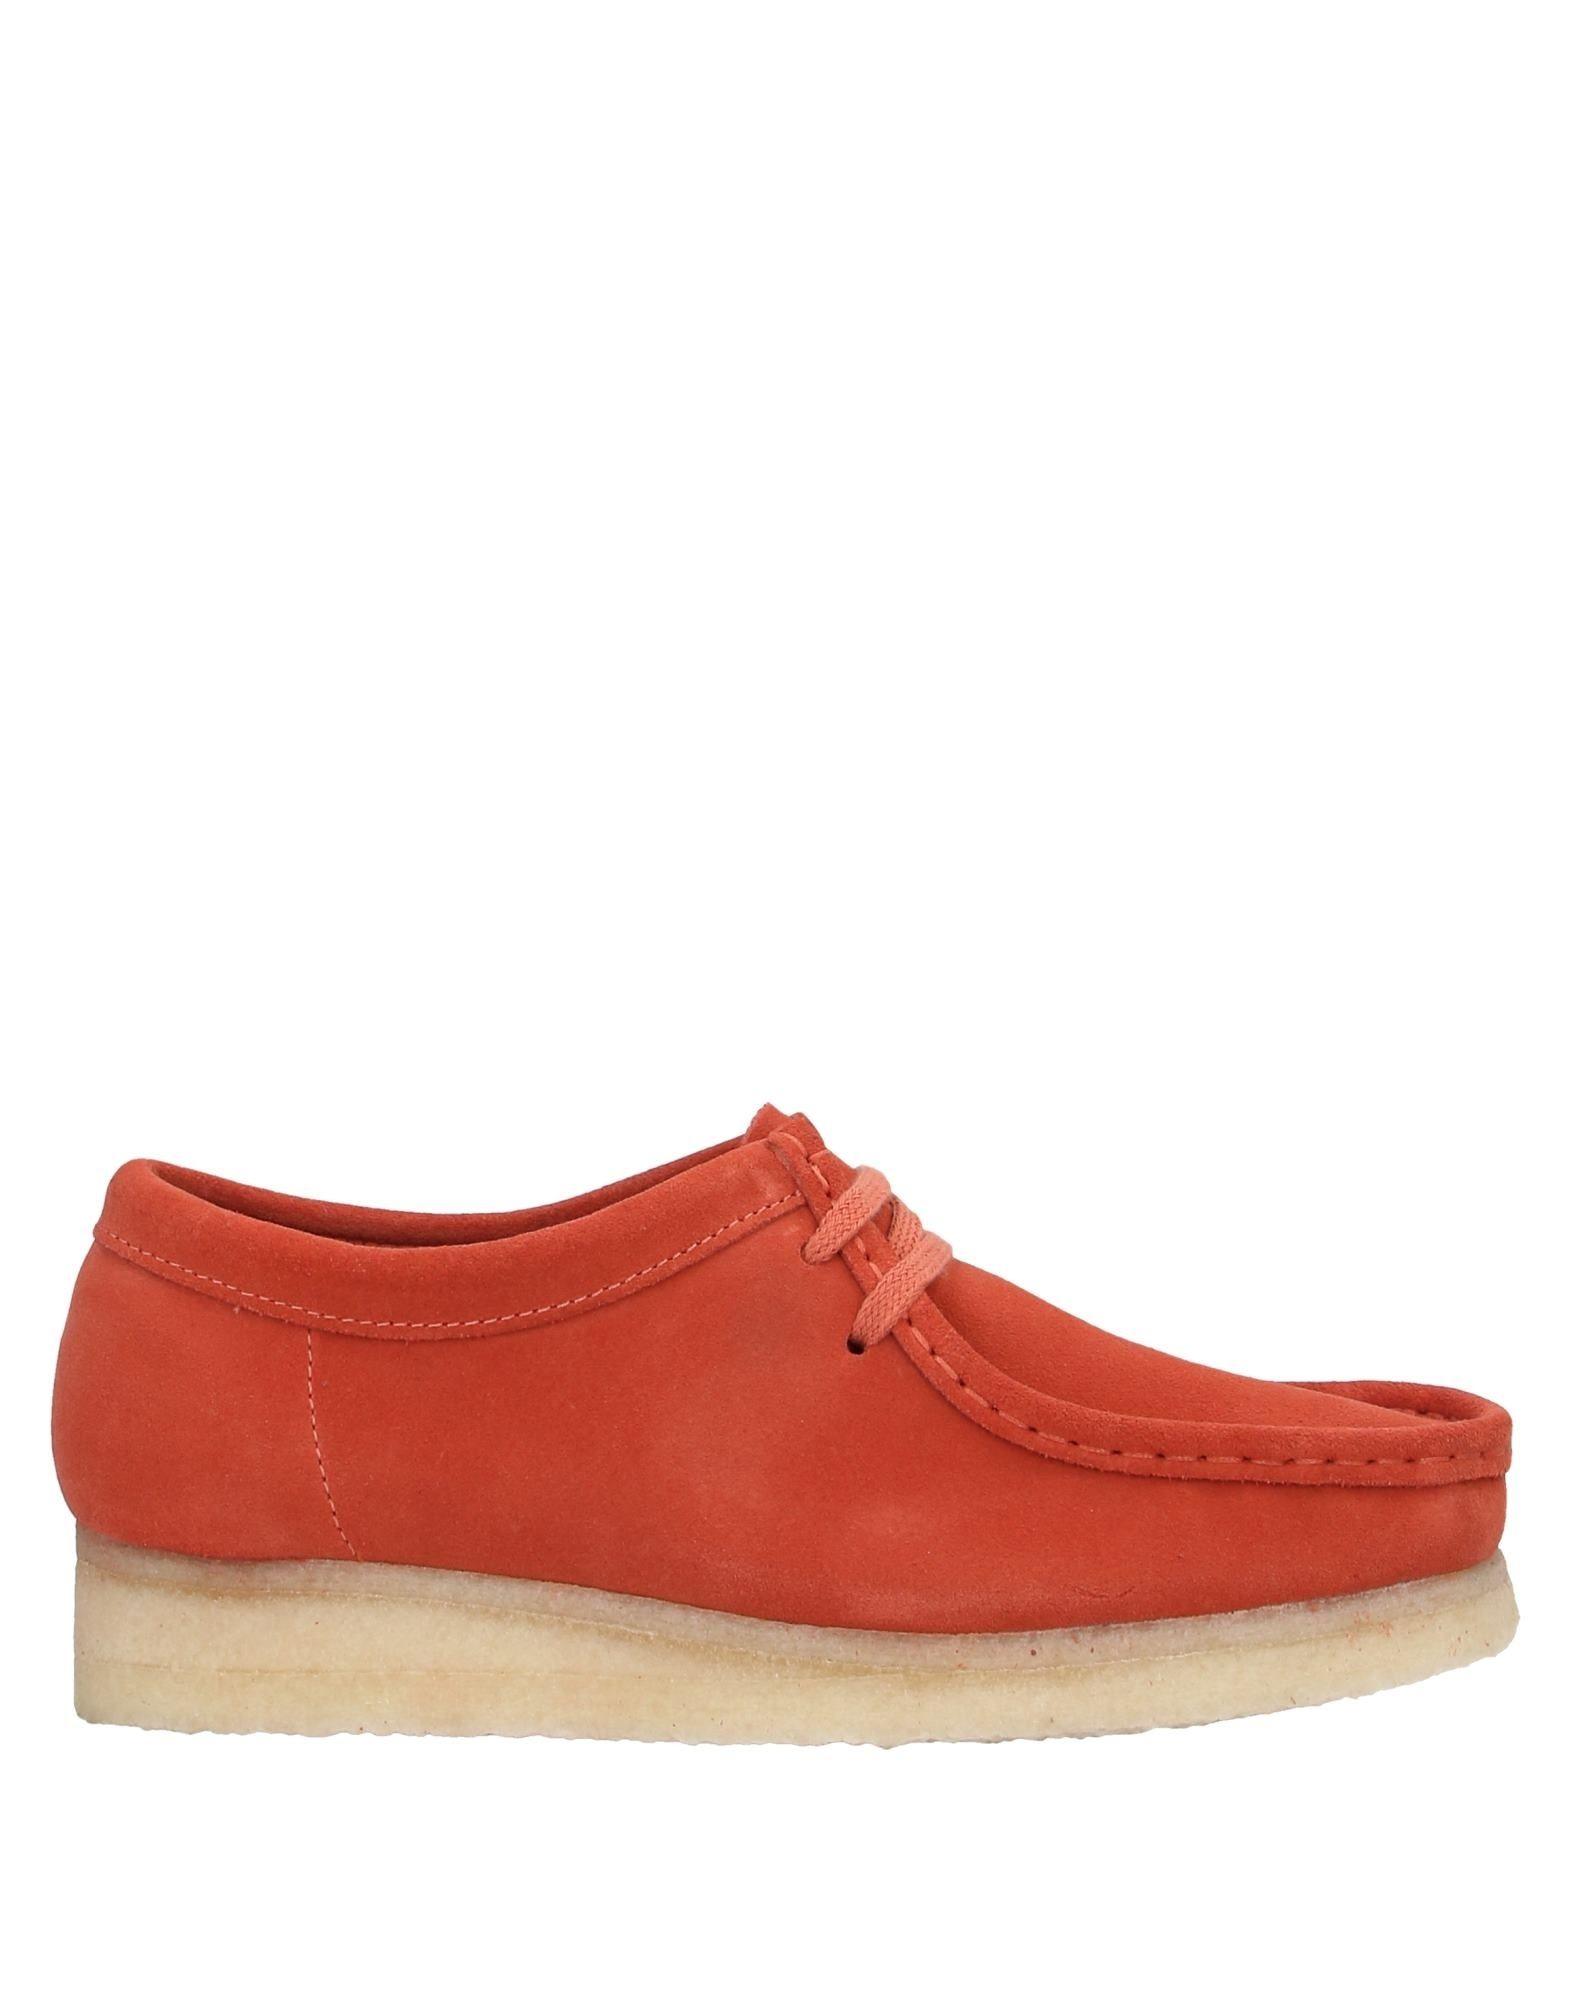 Фото - CLARKS ORIGINALS Обувь на шнурках clarks обувь на шнурках